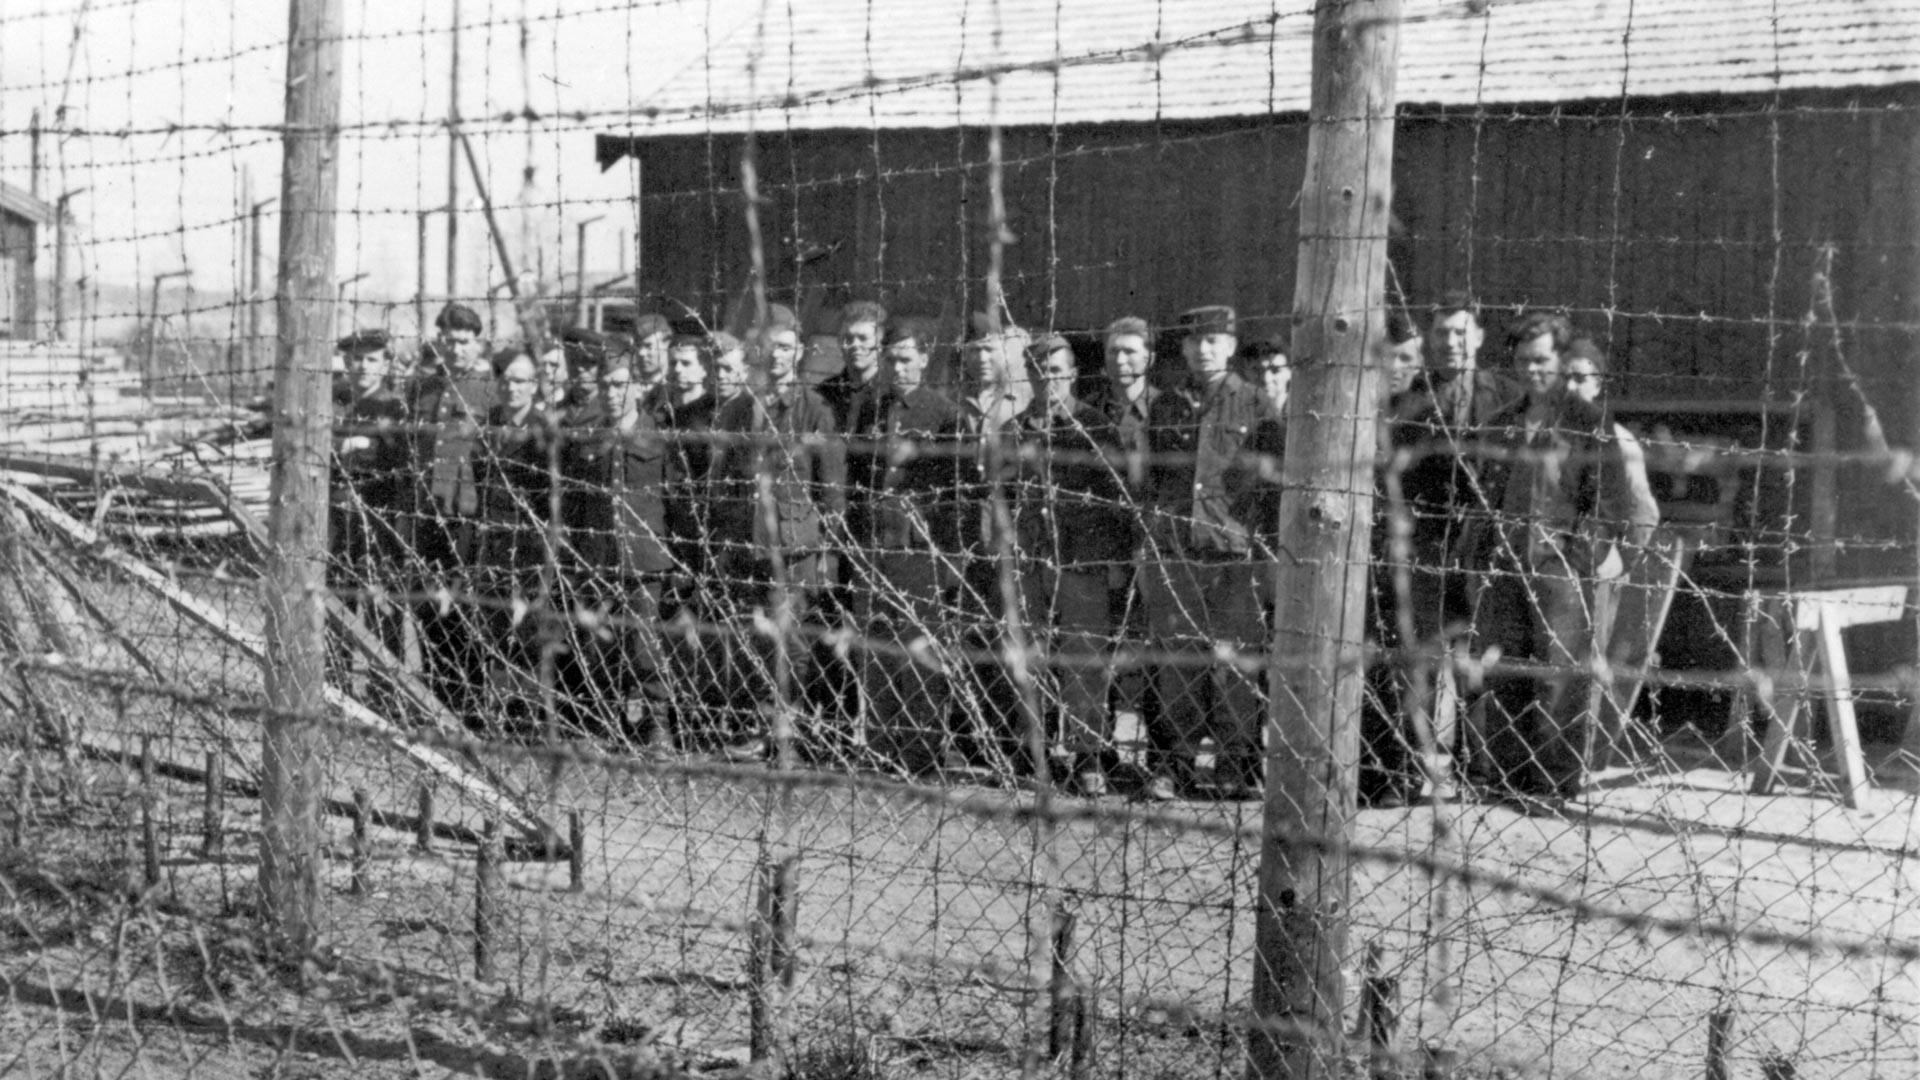 Prigionieri di guerra sovietici dietro al filo spinato del campo di Falstad